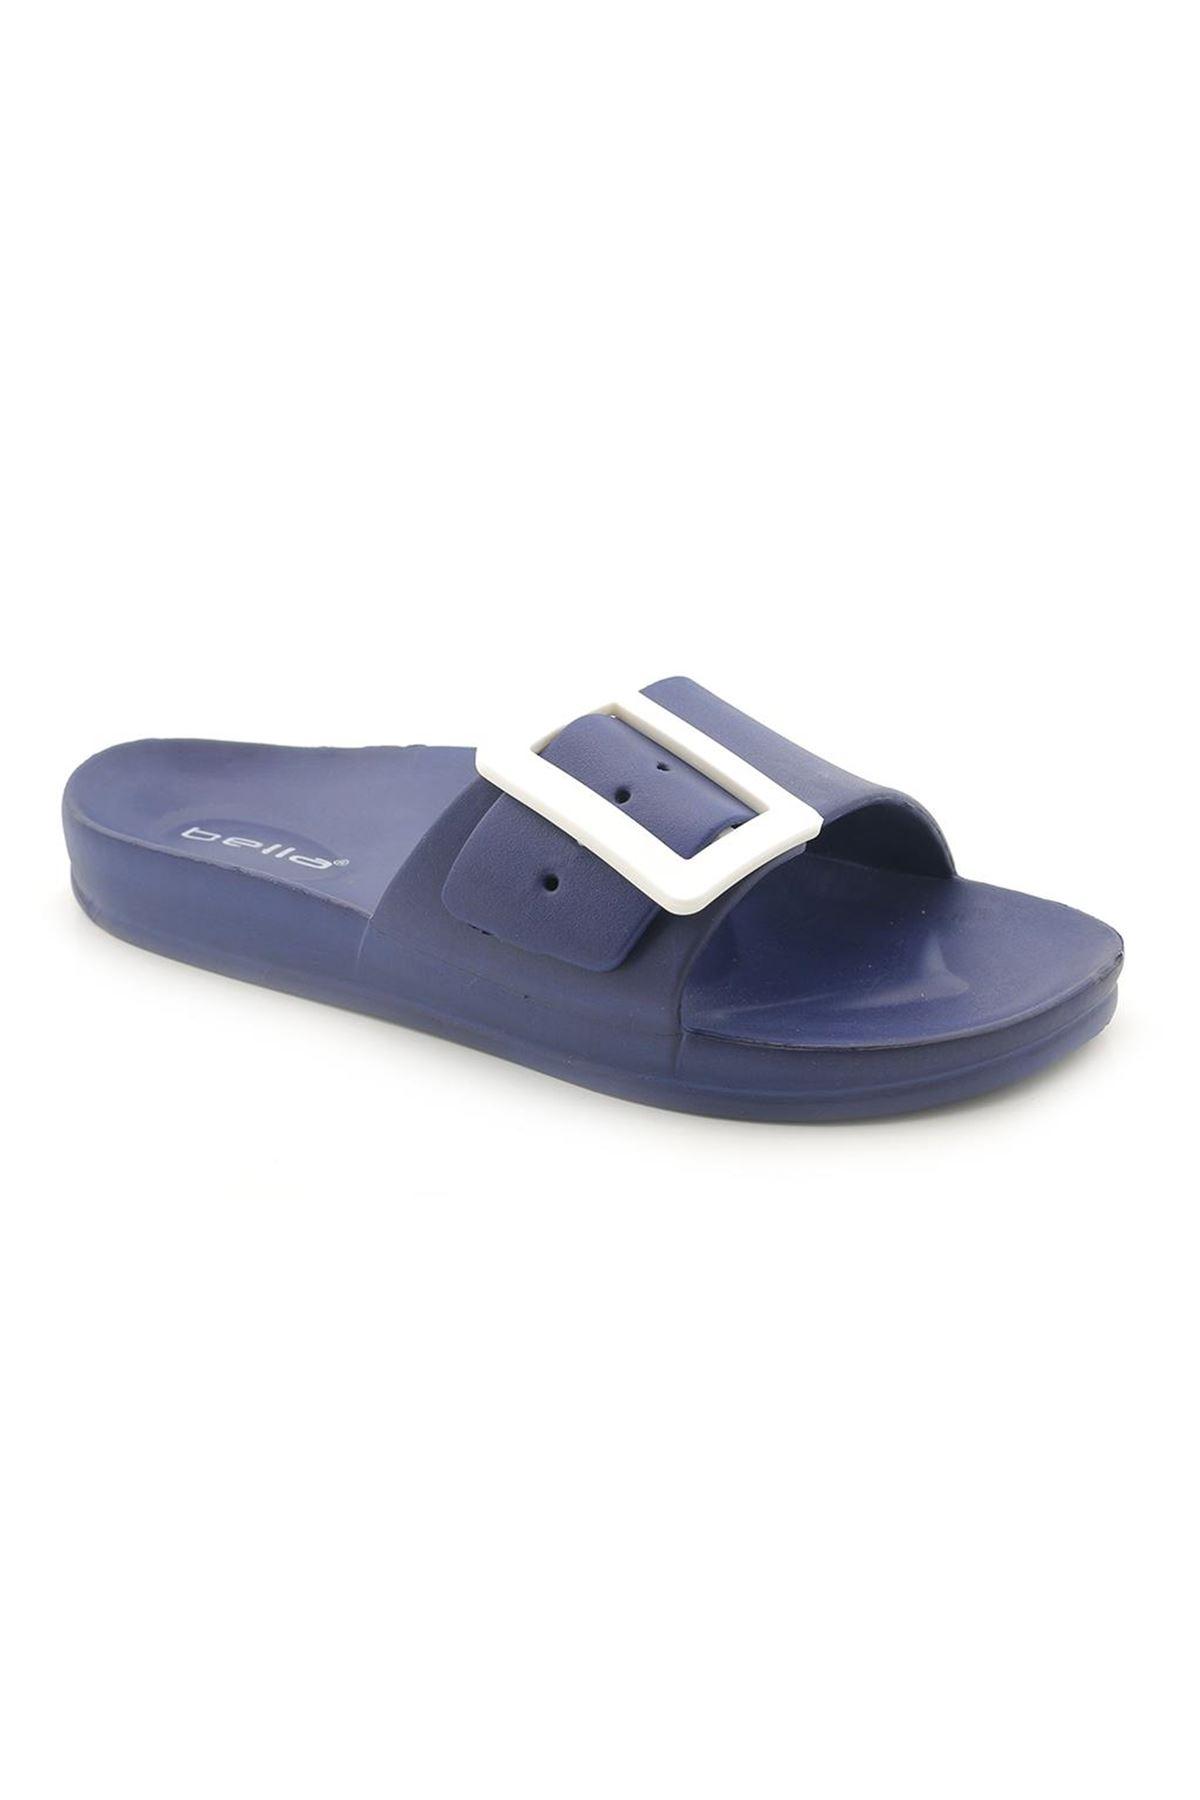 Gezer S8041 Anatomik Yumuşak Erkek Spor Sandalet